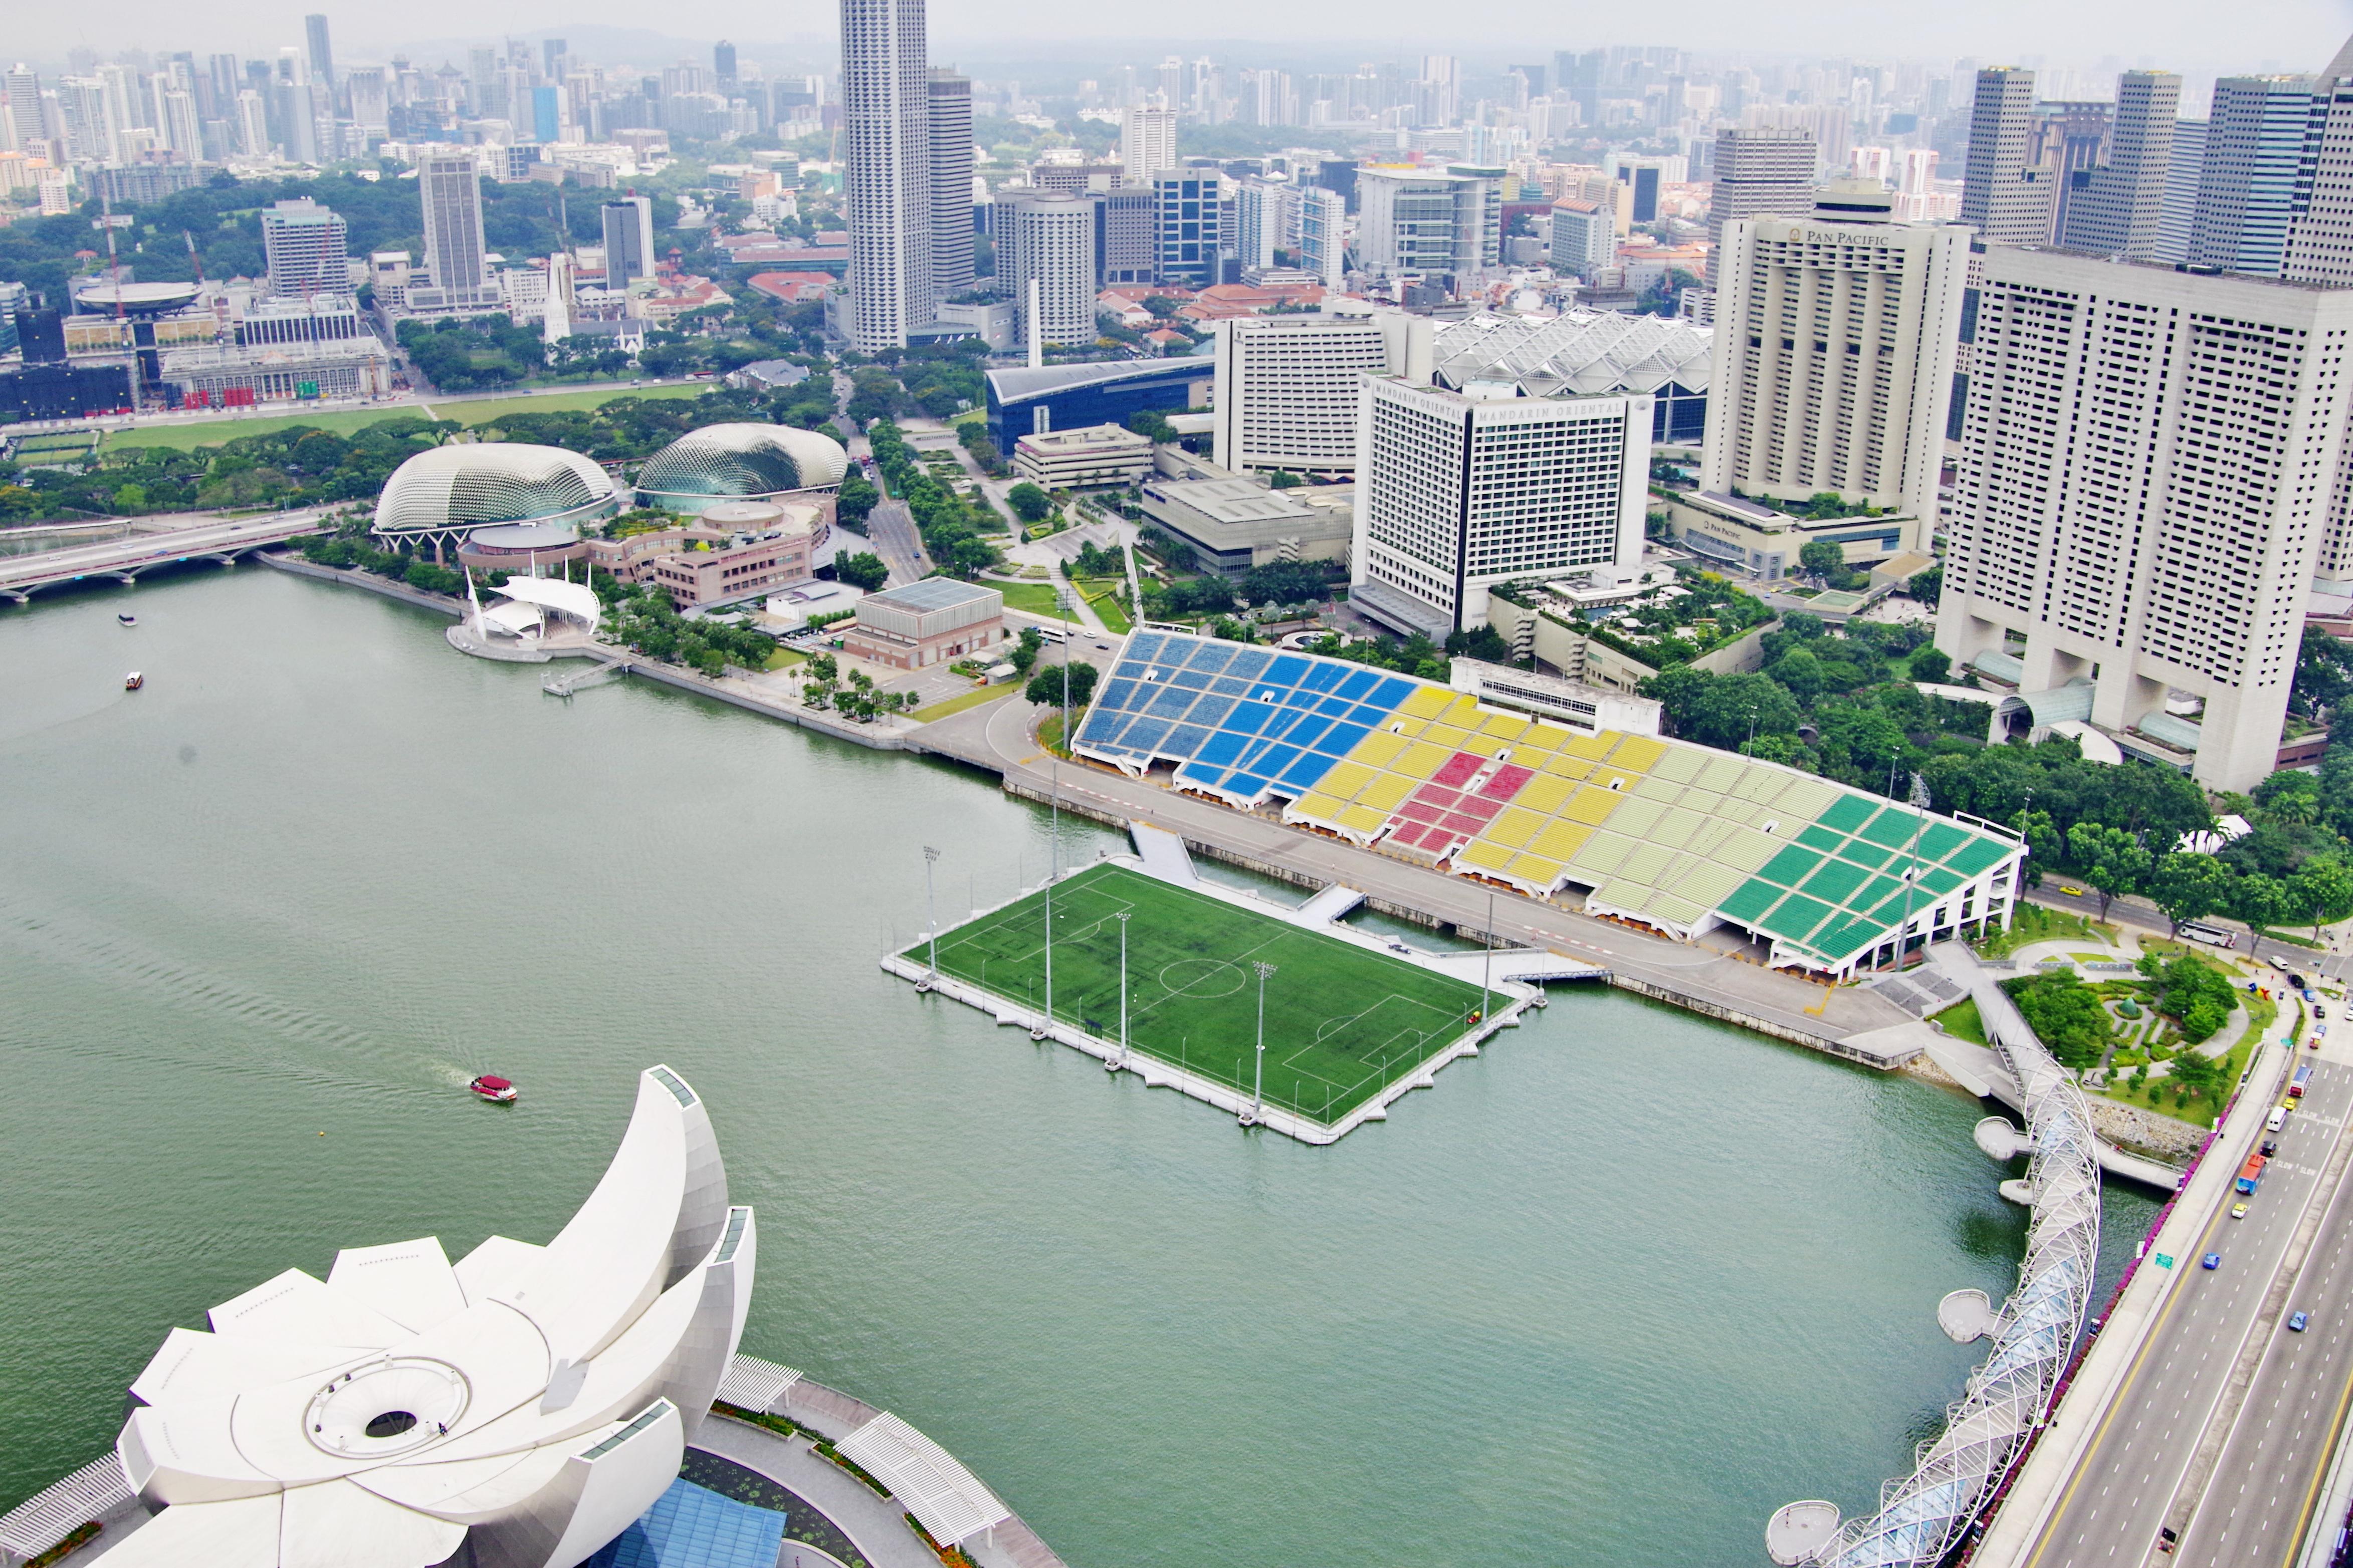 The Float at Marina Bay. Photo courtesy: Wikipedia